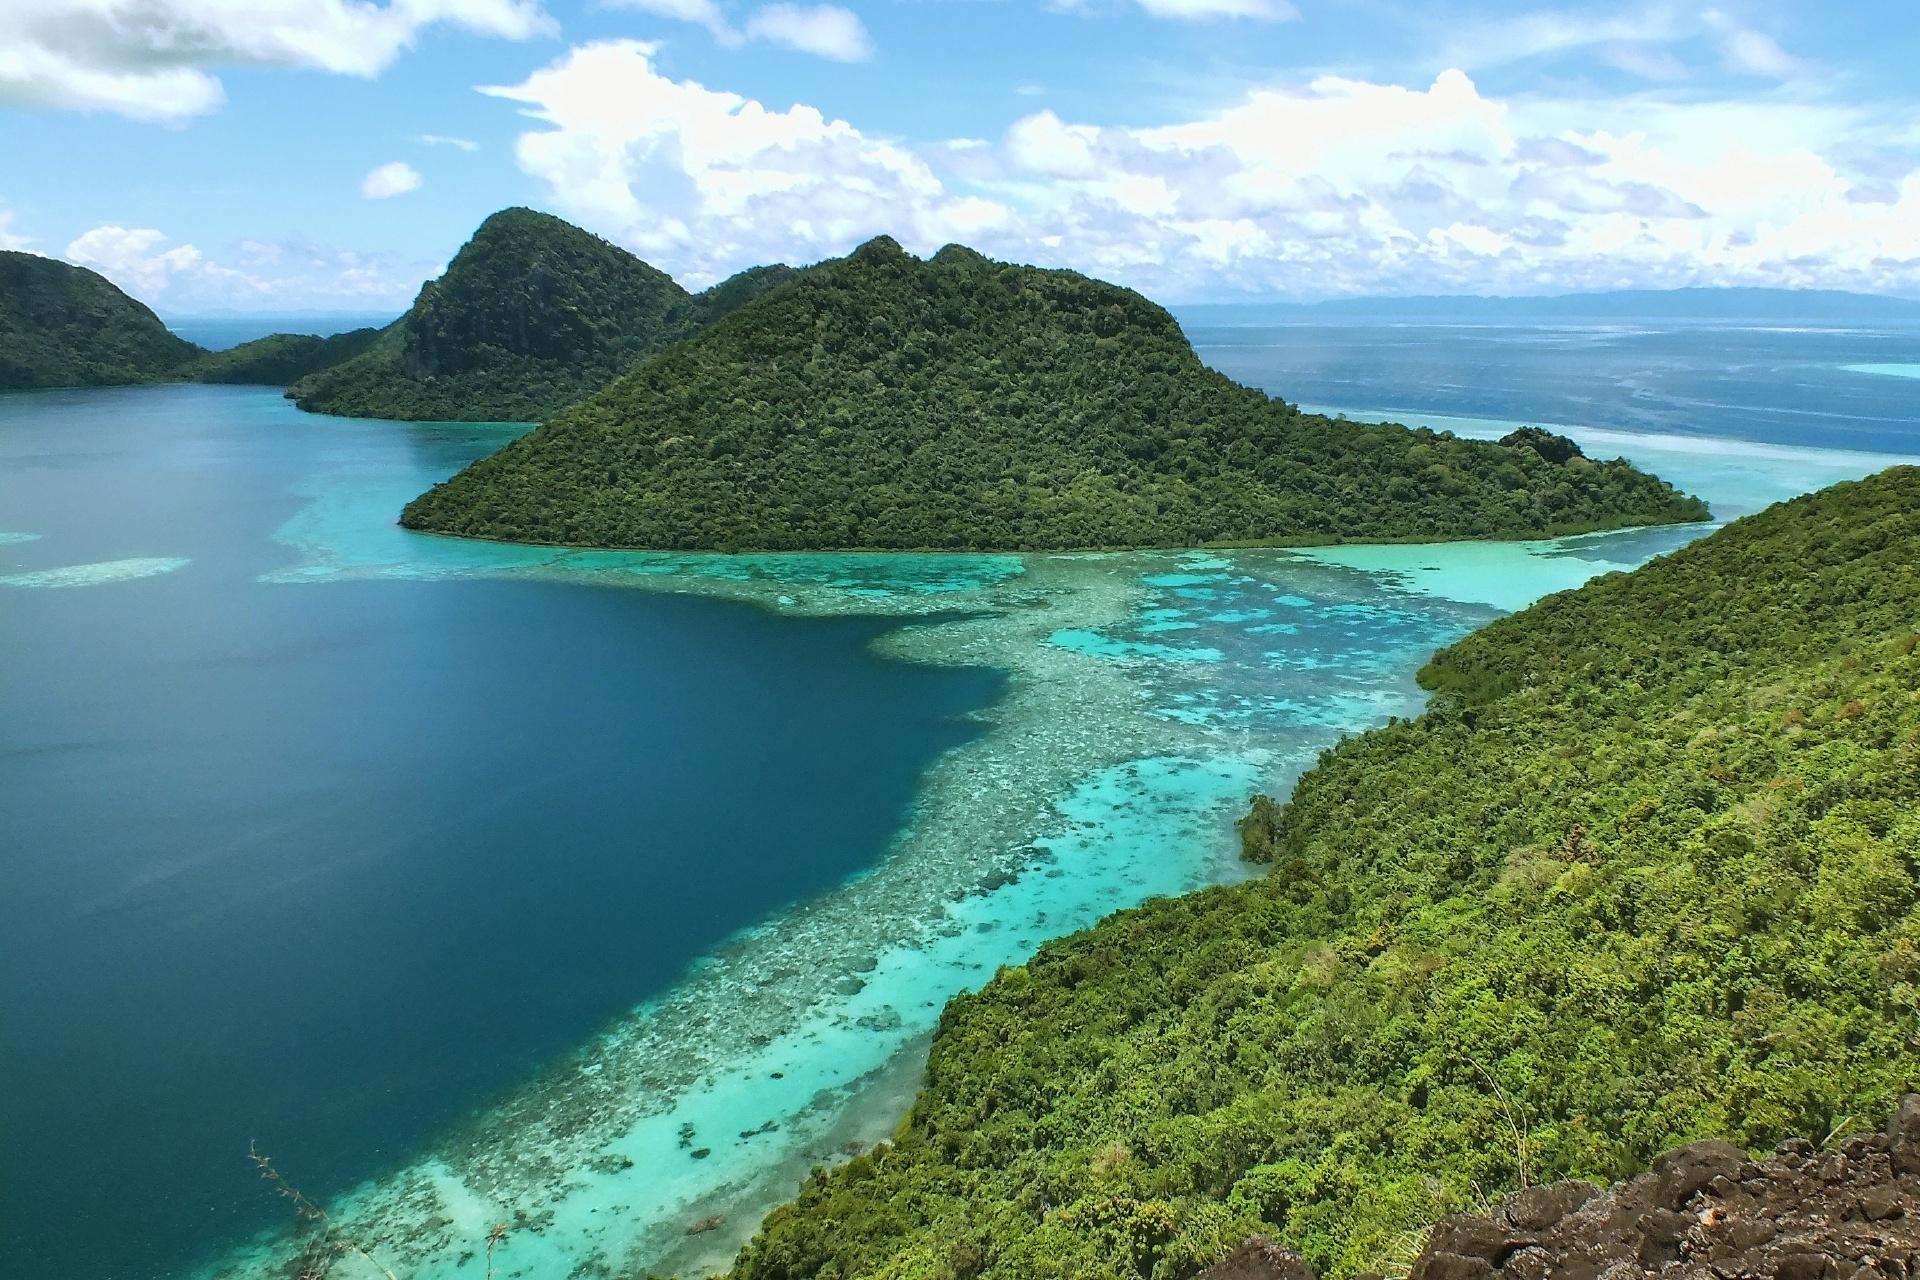 ボヘイ ドゥラン島の風景 マレーシアの風景